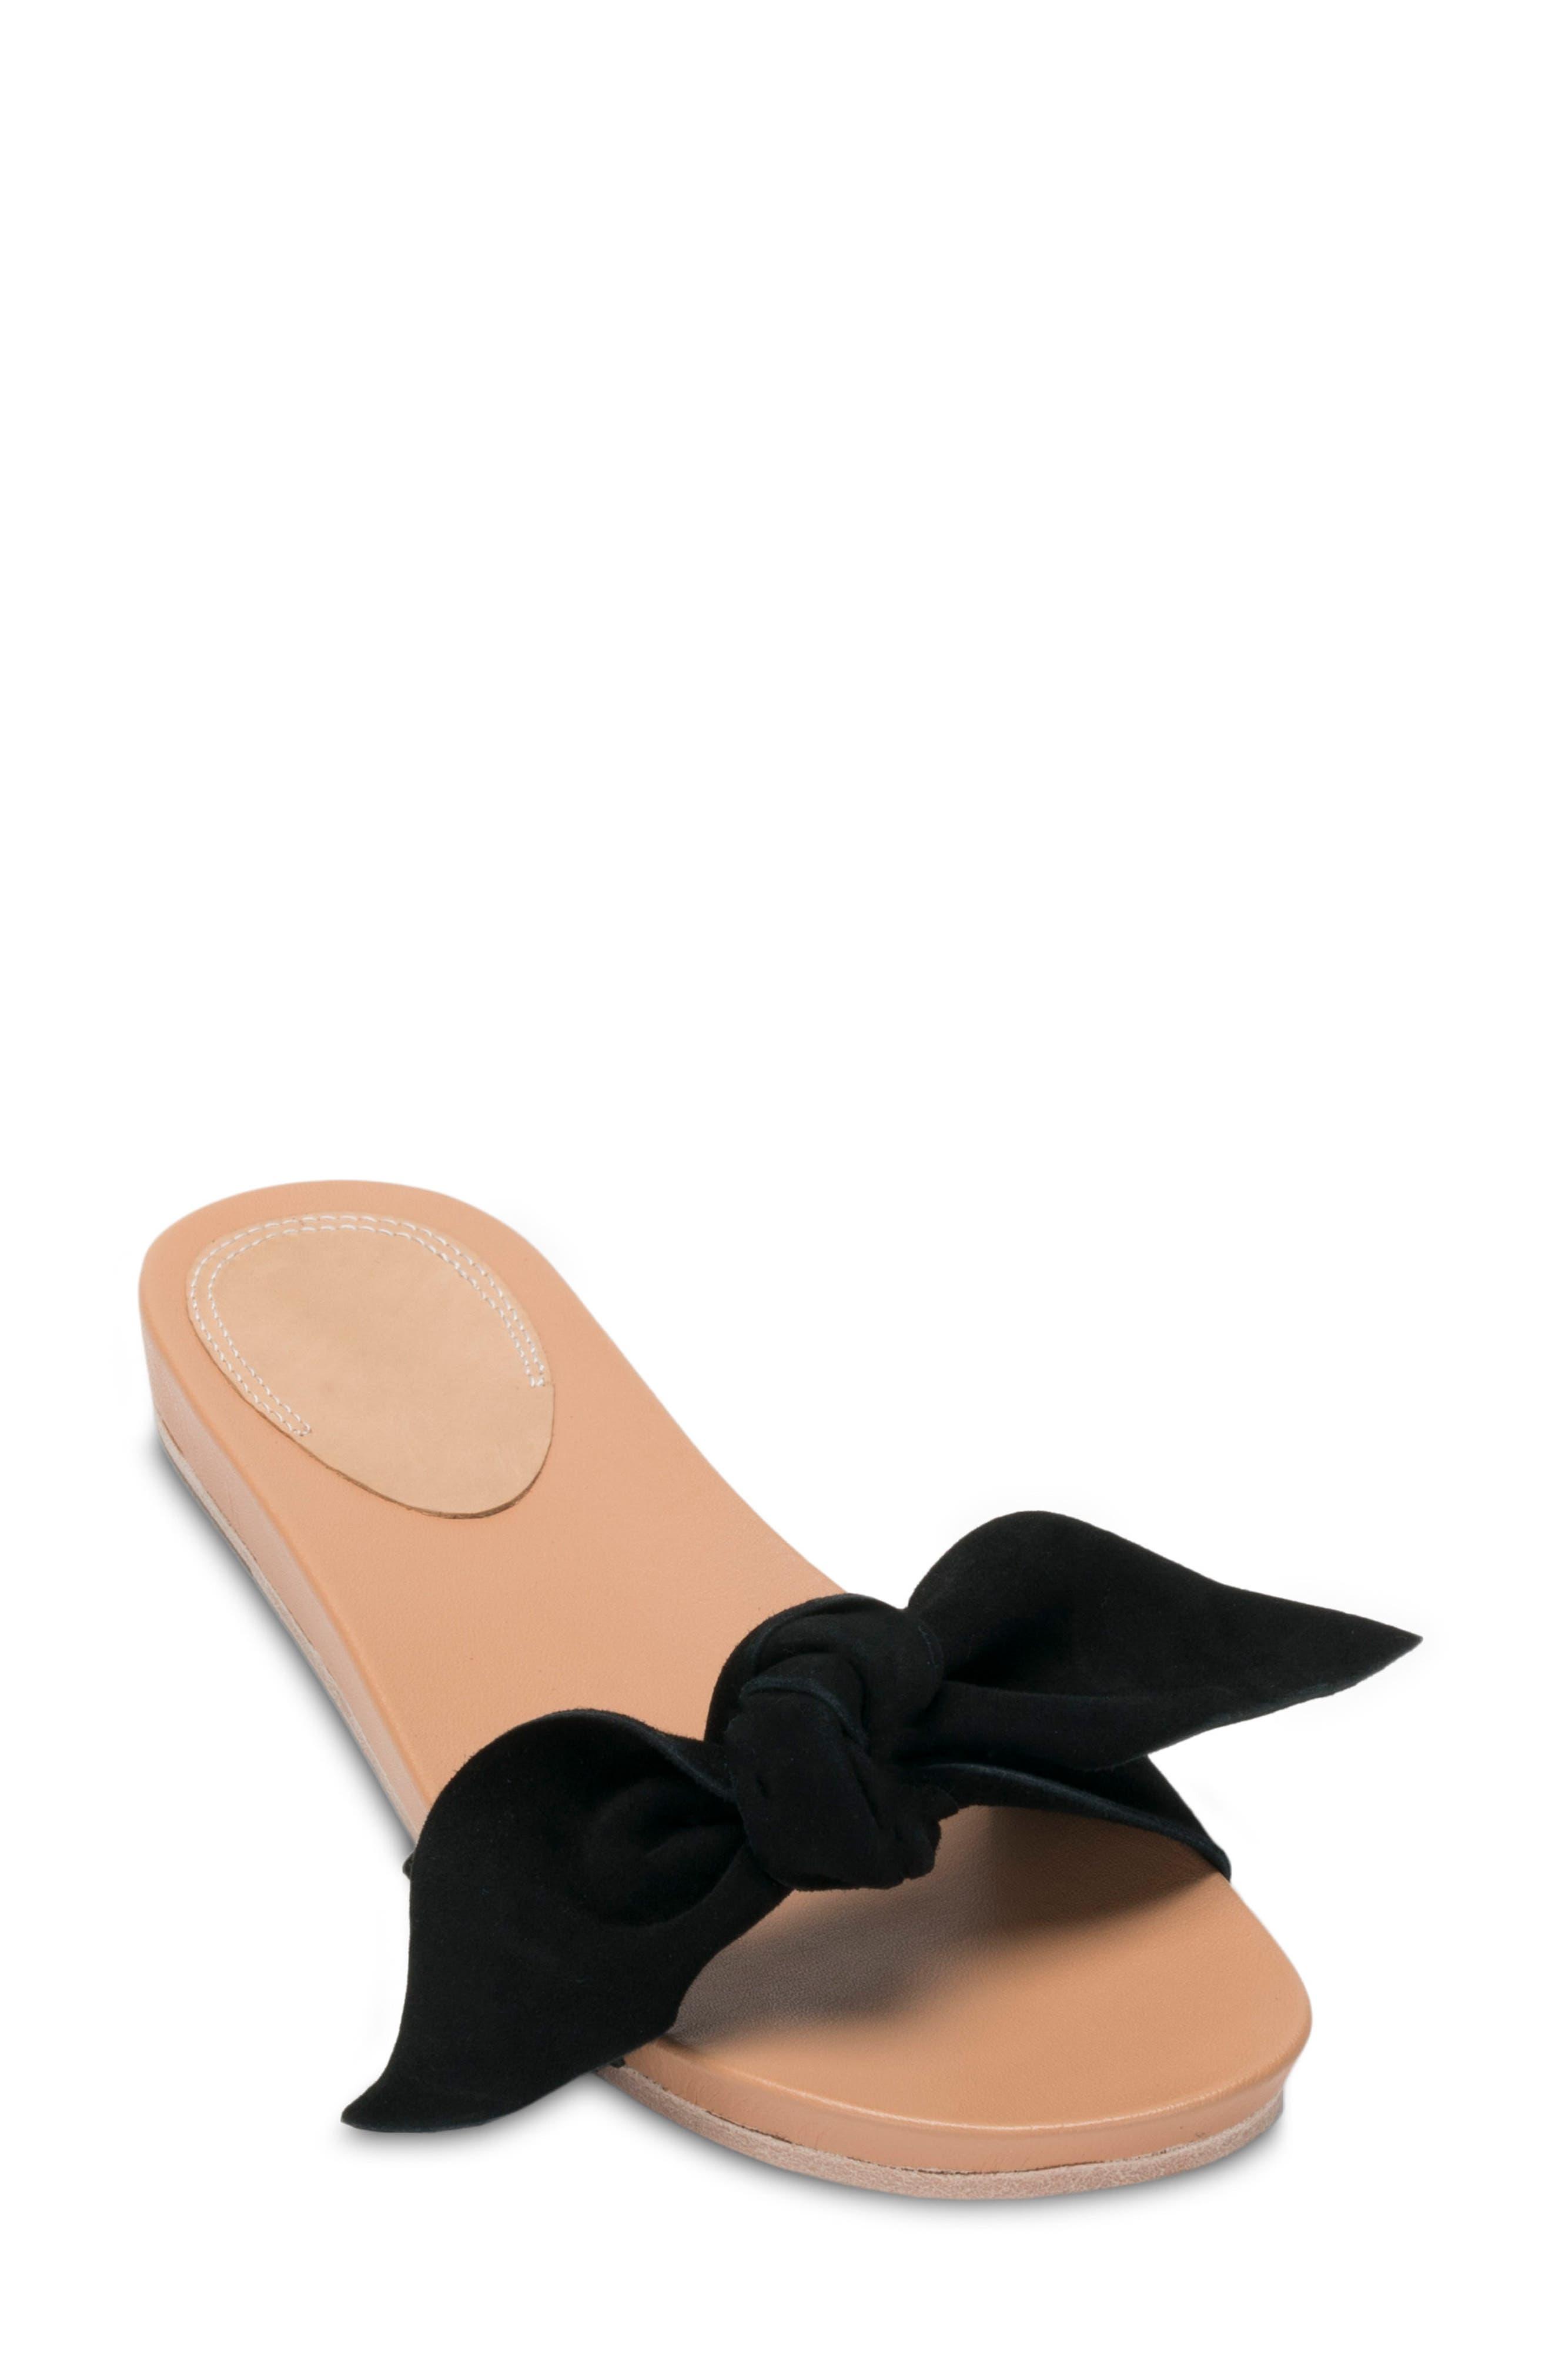 BILL BLASS Carmen Slide Sandal, Main, color, 001